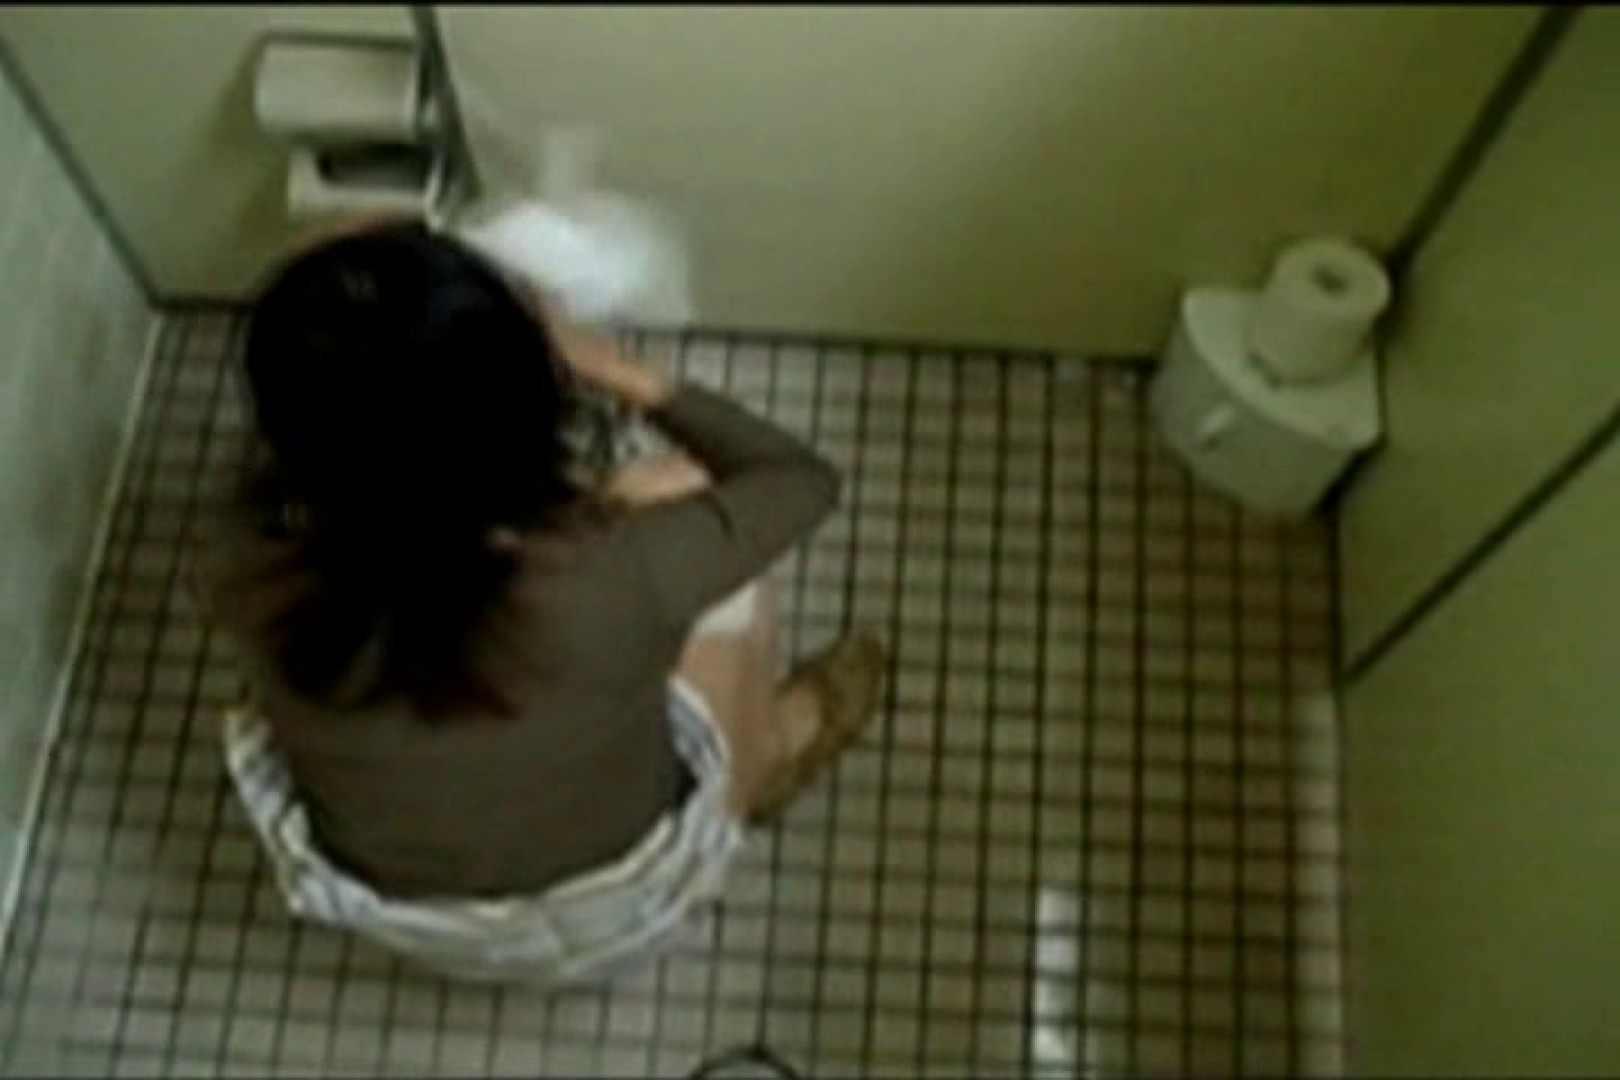 トイレ盗撮|まめぞうDVD完全版VOL.5|怪盗ジョーカー